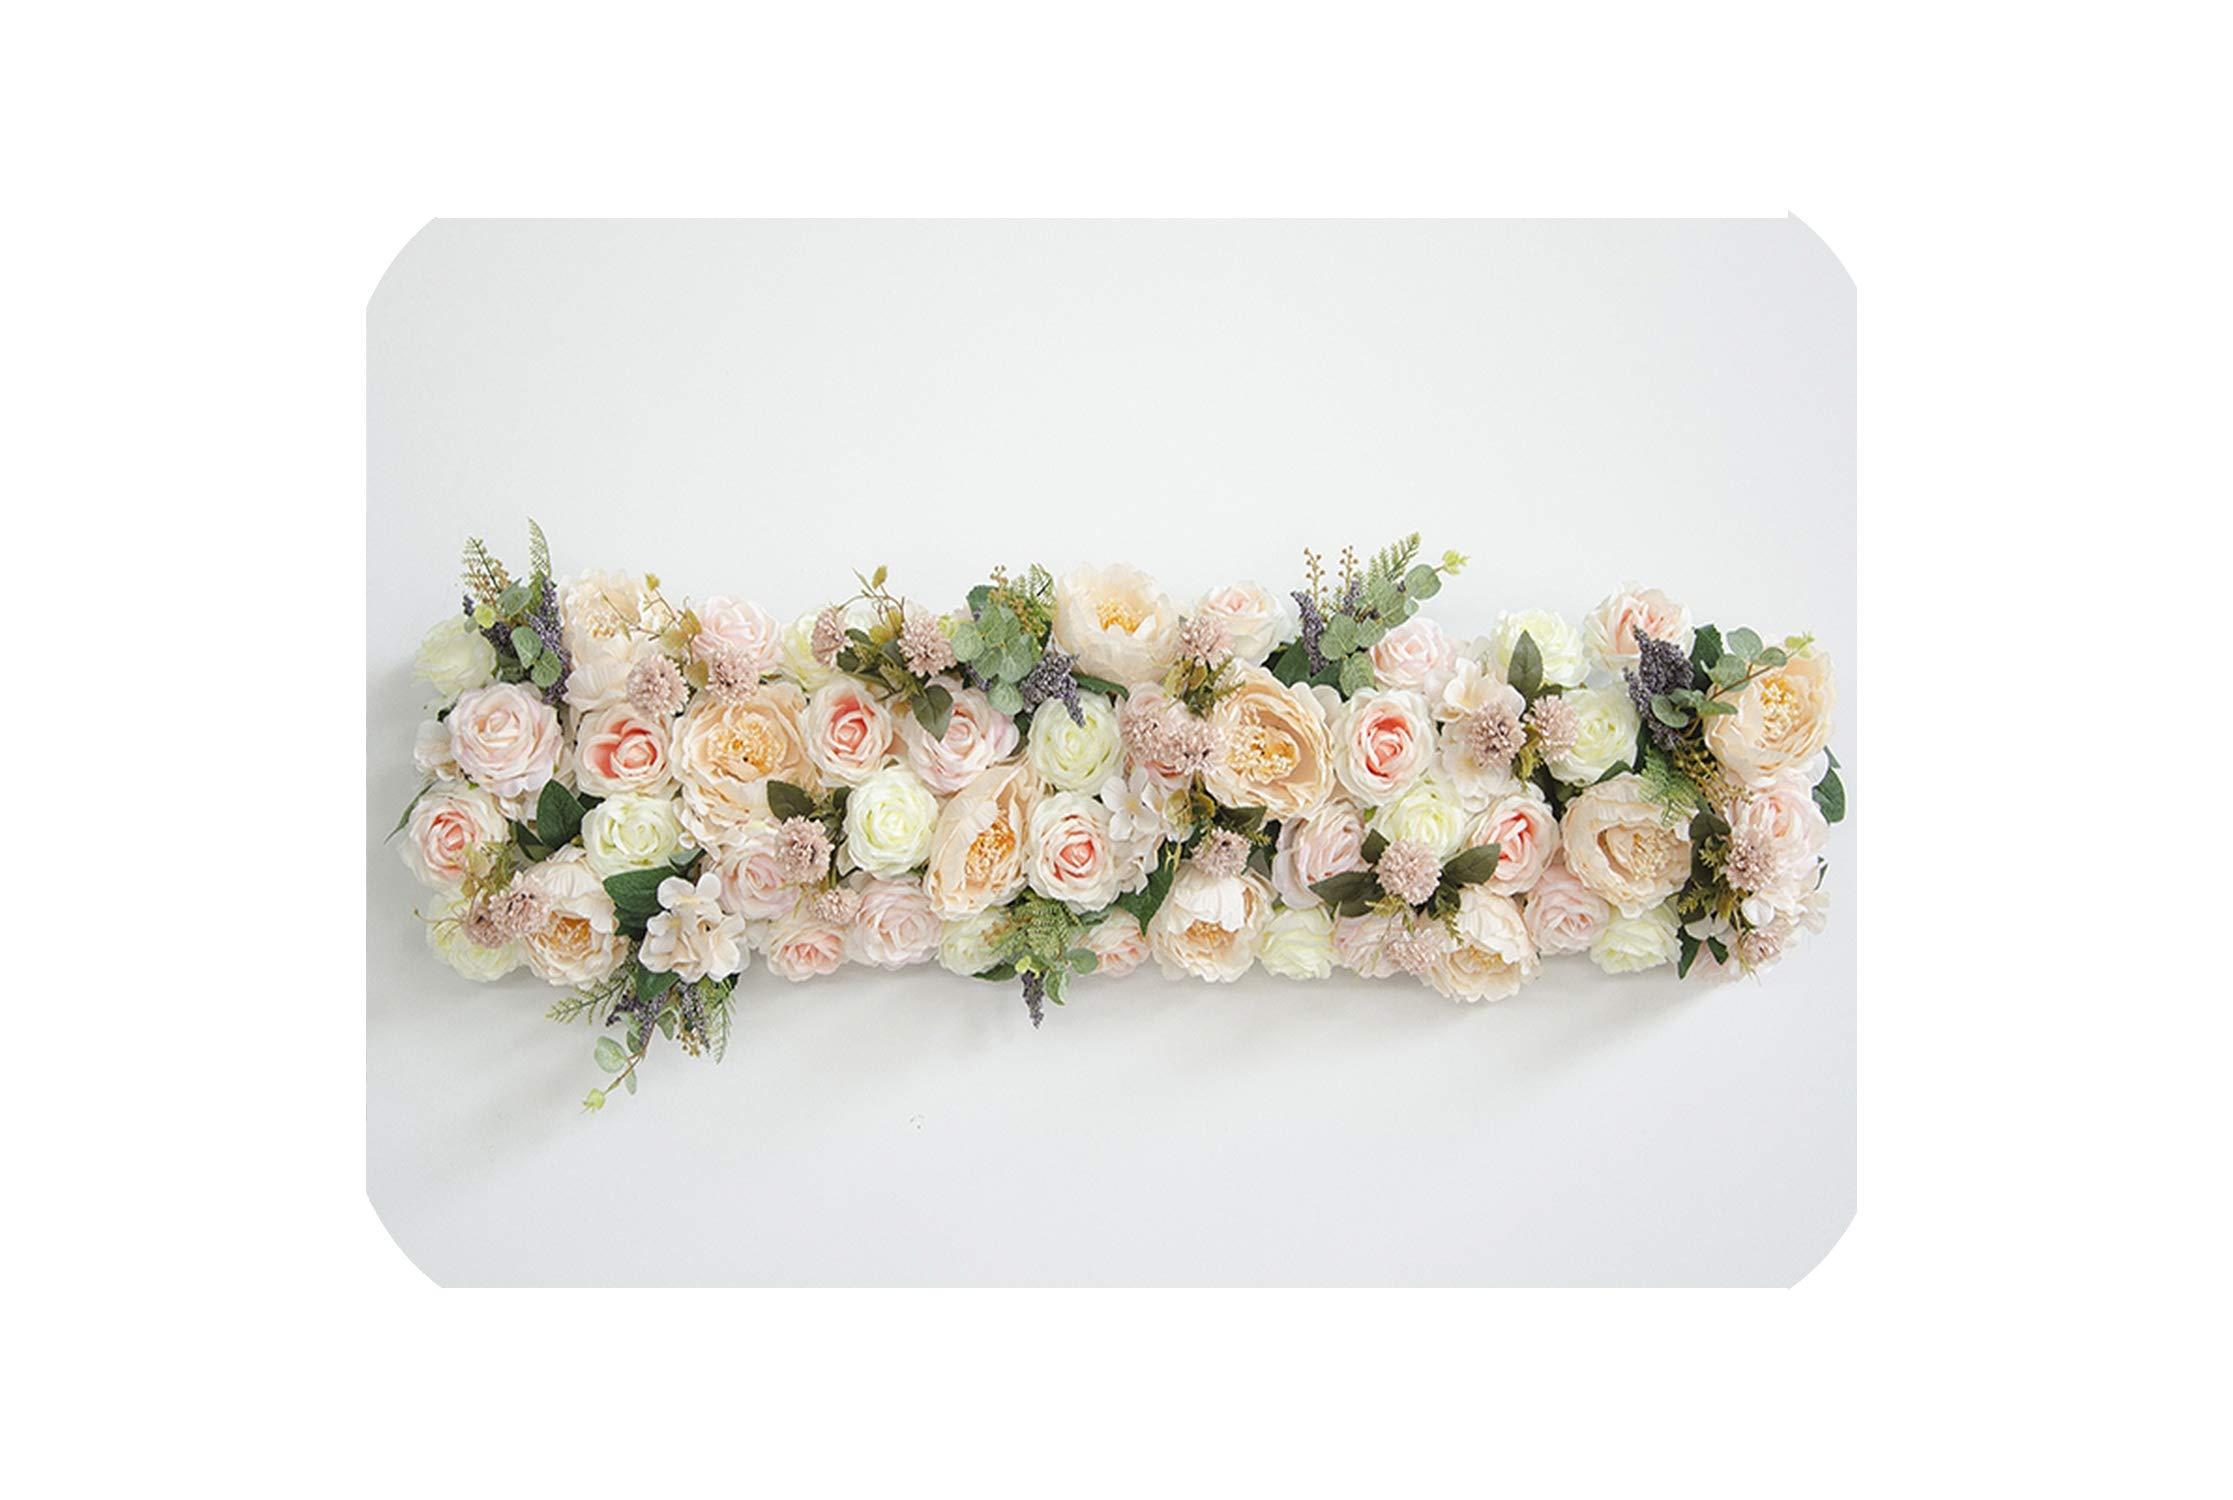 Custom 1 M Wedding Backdrop Arch Decor Artificial Flower Row Decor Flower Arch Road Lead Flower Arrangement Silk Flower Wall 1pc 005 Silk Flower Arrangements